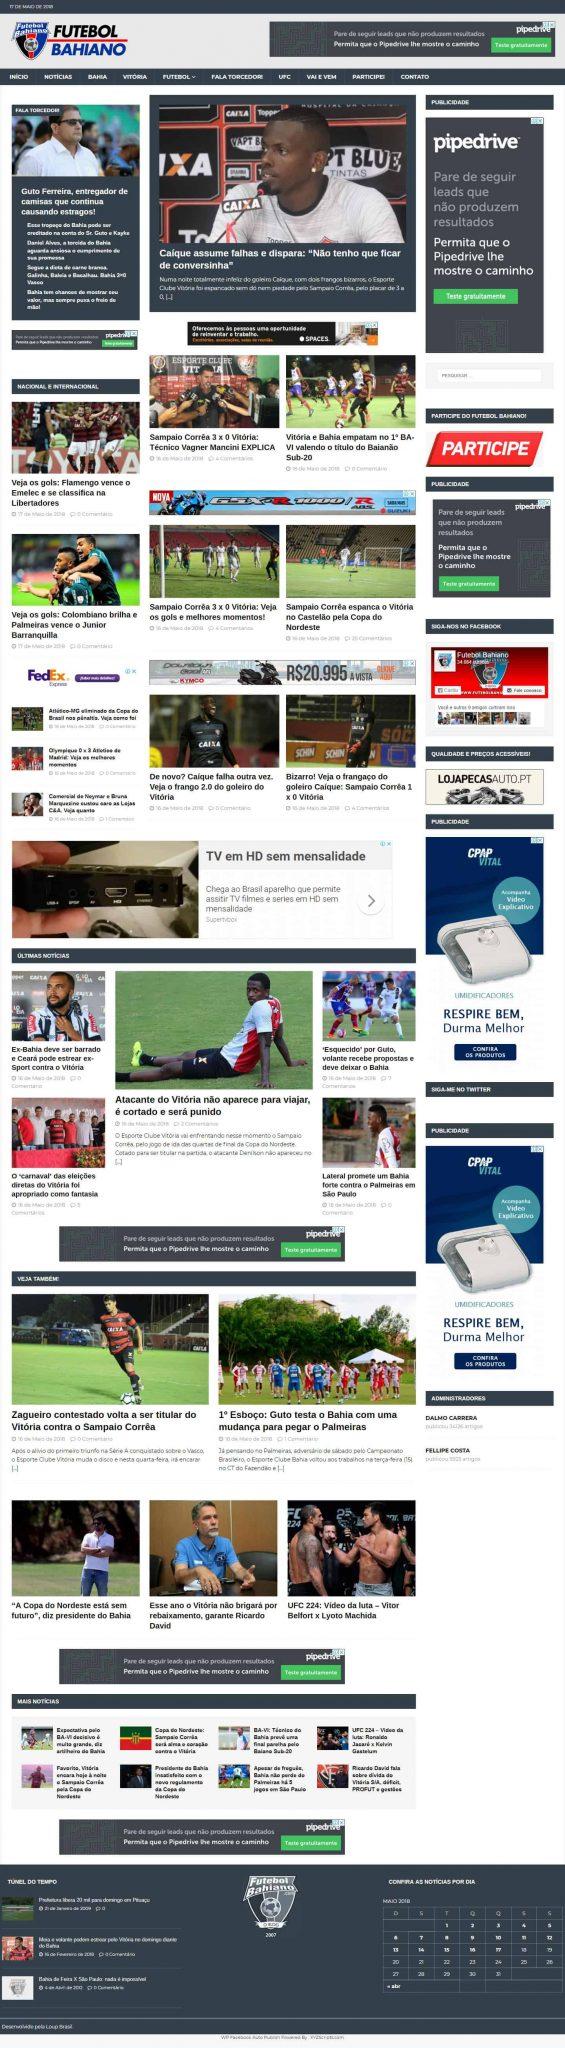 Página principal do portal de notícias esportivas futebolbahiano.org.